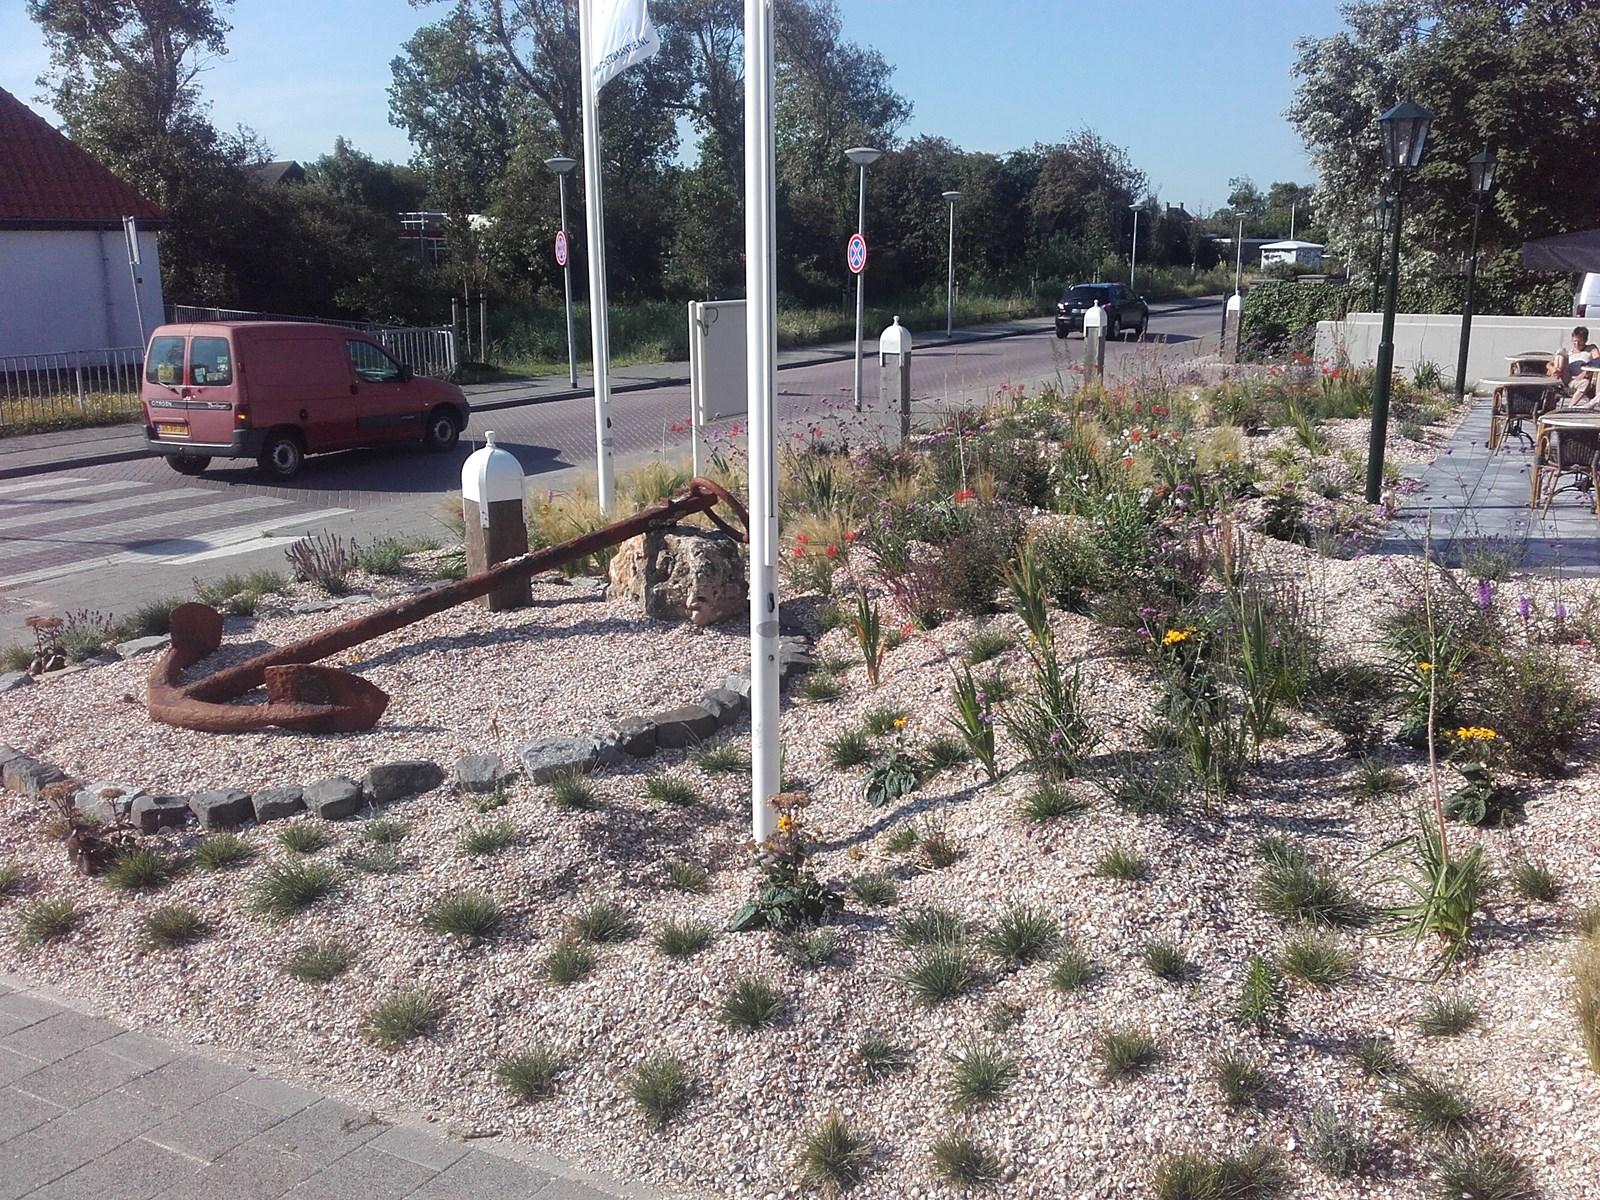 Tuinaanleg tuinontwerp tuinonderhoud schagen alkmaar for Ontwerp voortuin met parkeerplaats